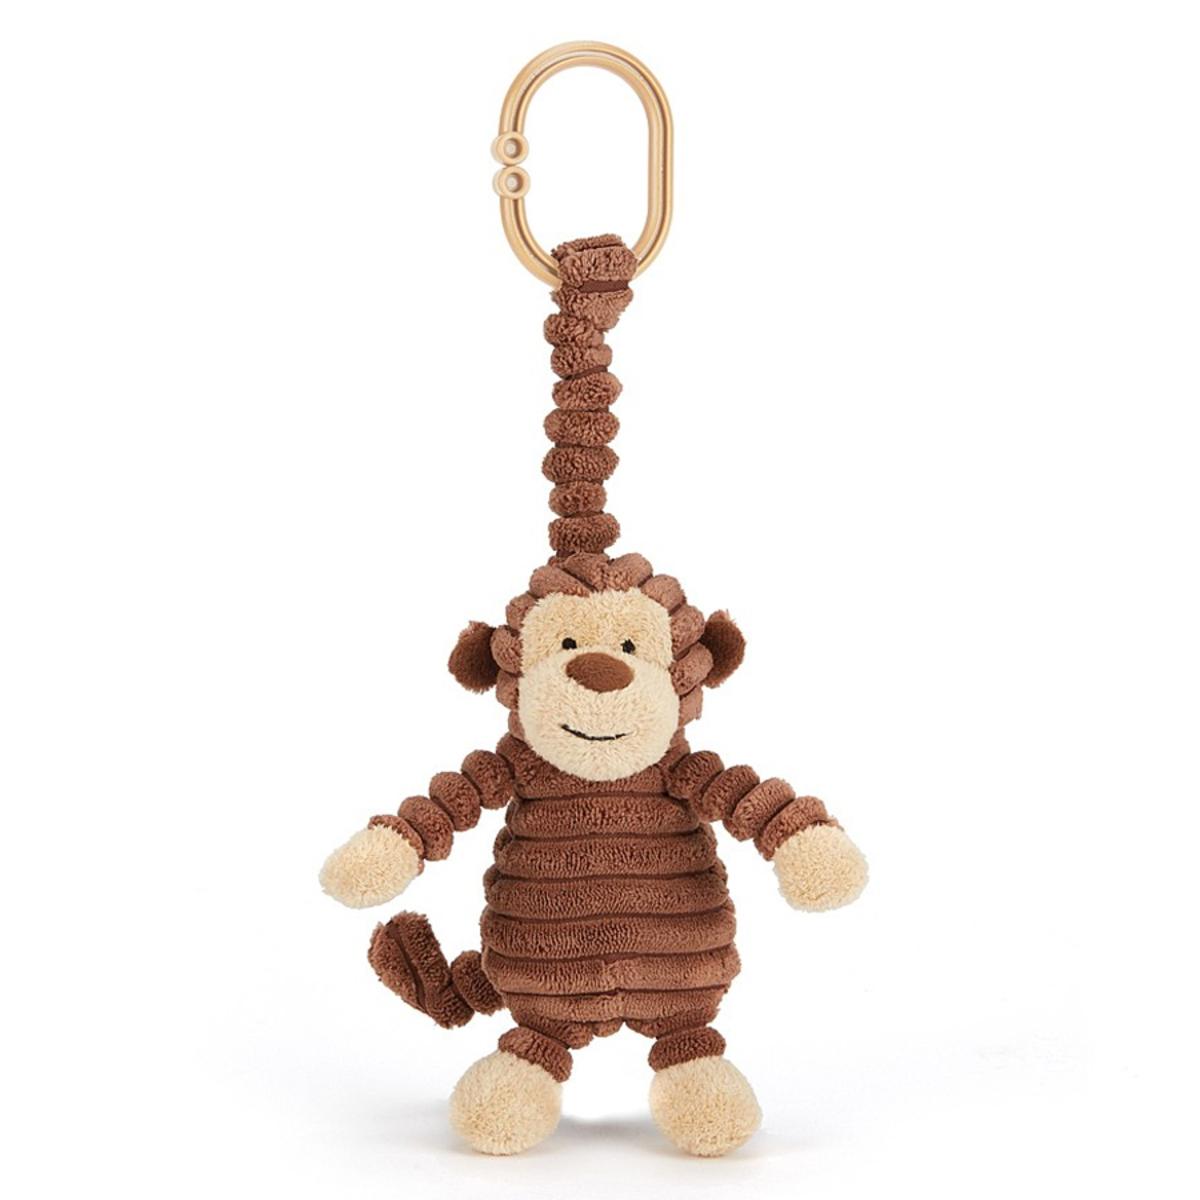 Accessoires poussette Jouet de Poussette Cordy Roy Baby Monkey Jitter Jouet de Poussette Cordy Roy Baby Monkey Jitter